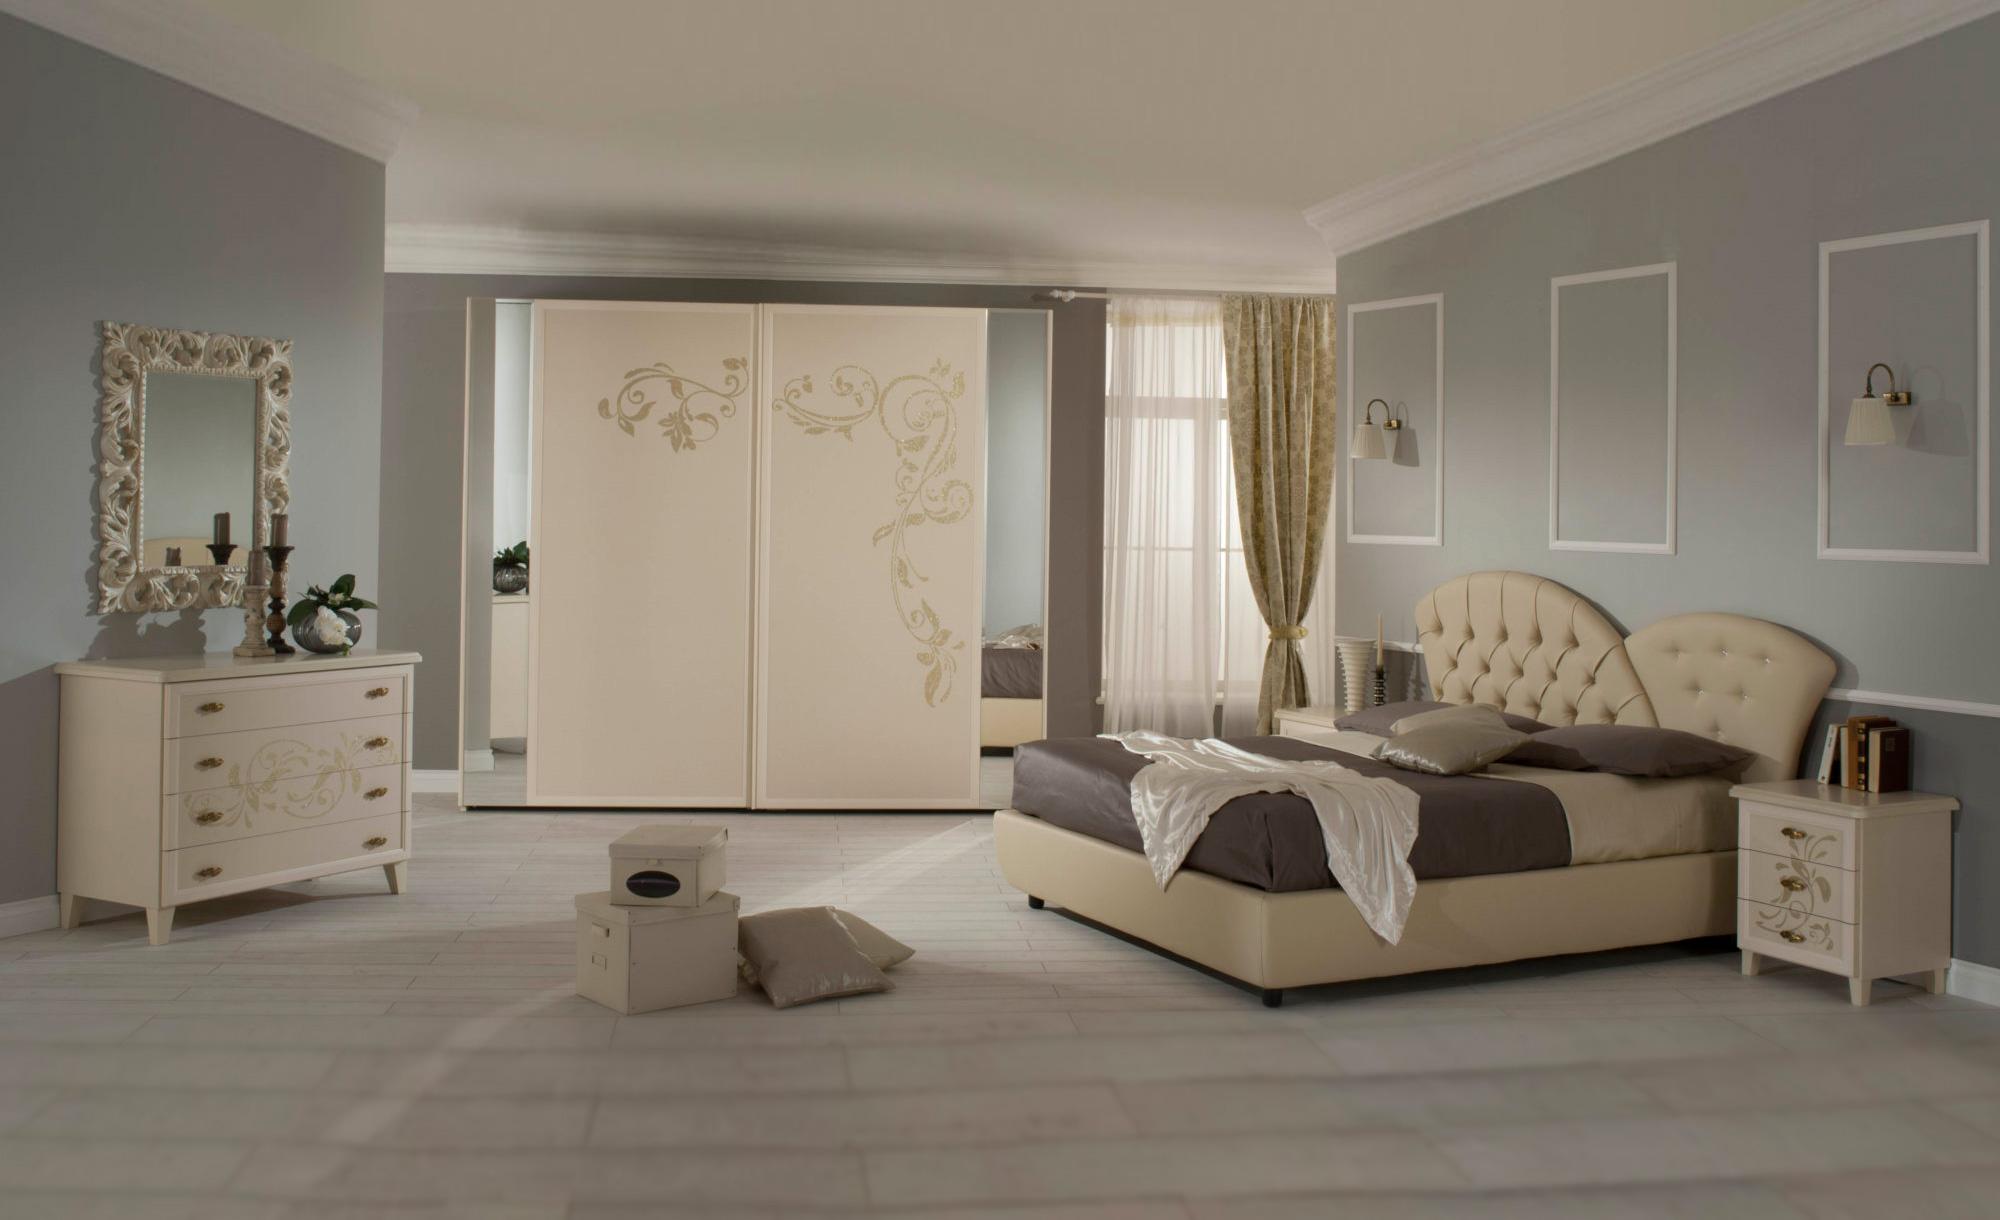 camera da letto queen avorio arredamenti di lorenzo napoli